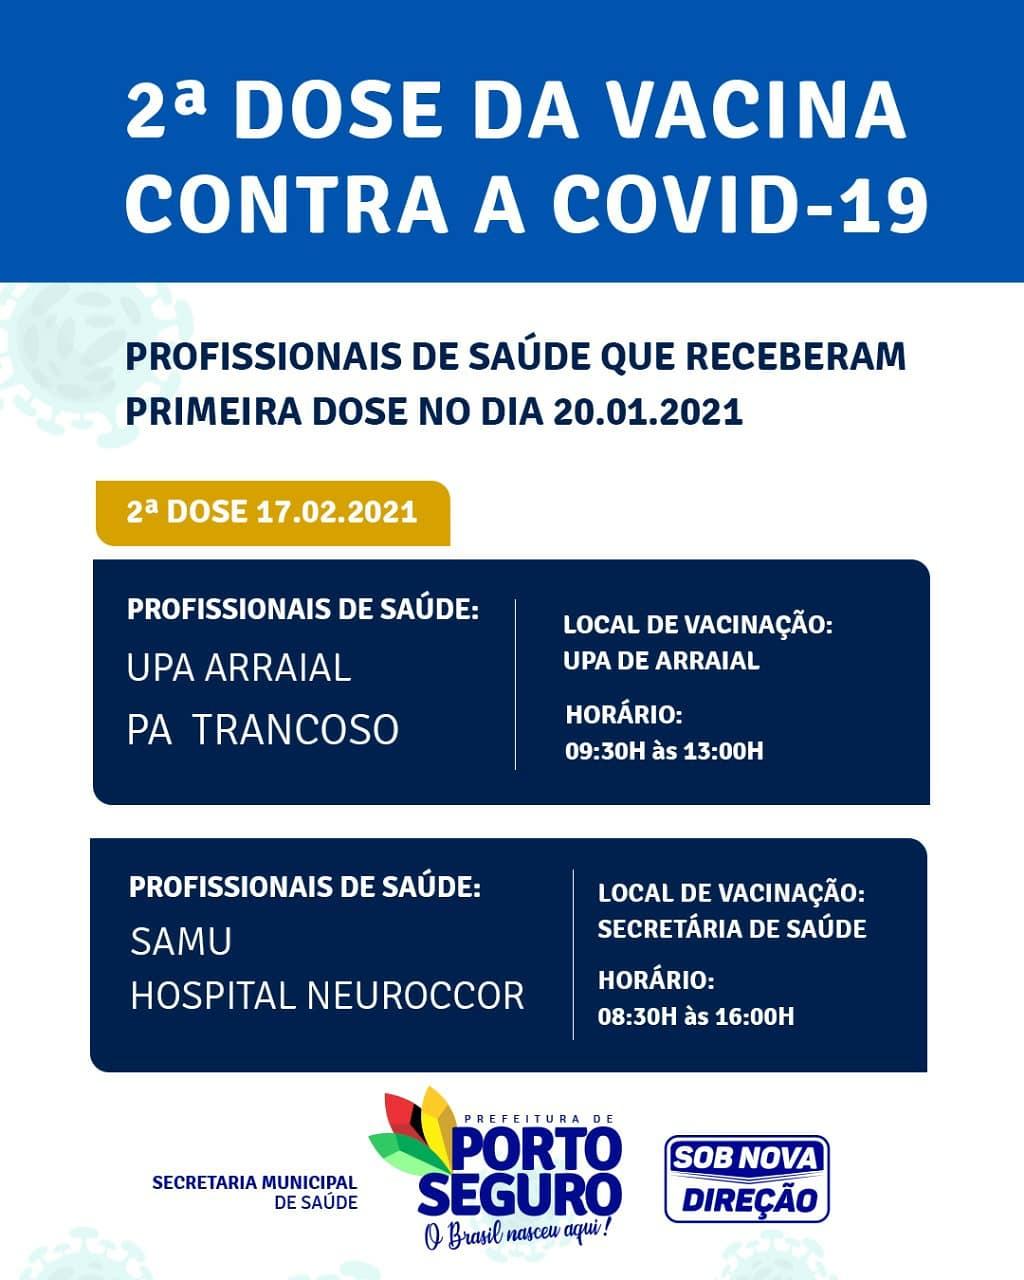 A prefeitura de Porto Seguro, por meio da Secretaria Municipal de Saúde informa que a 2ª dose da vacina contra a COVID-19 já está disponível para os Profissionais de Saúde que receberam a 1ª dose da vacina 24